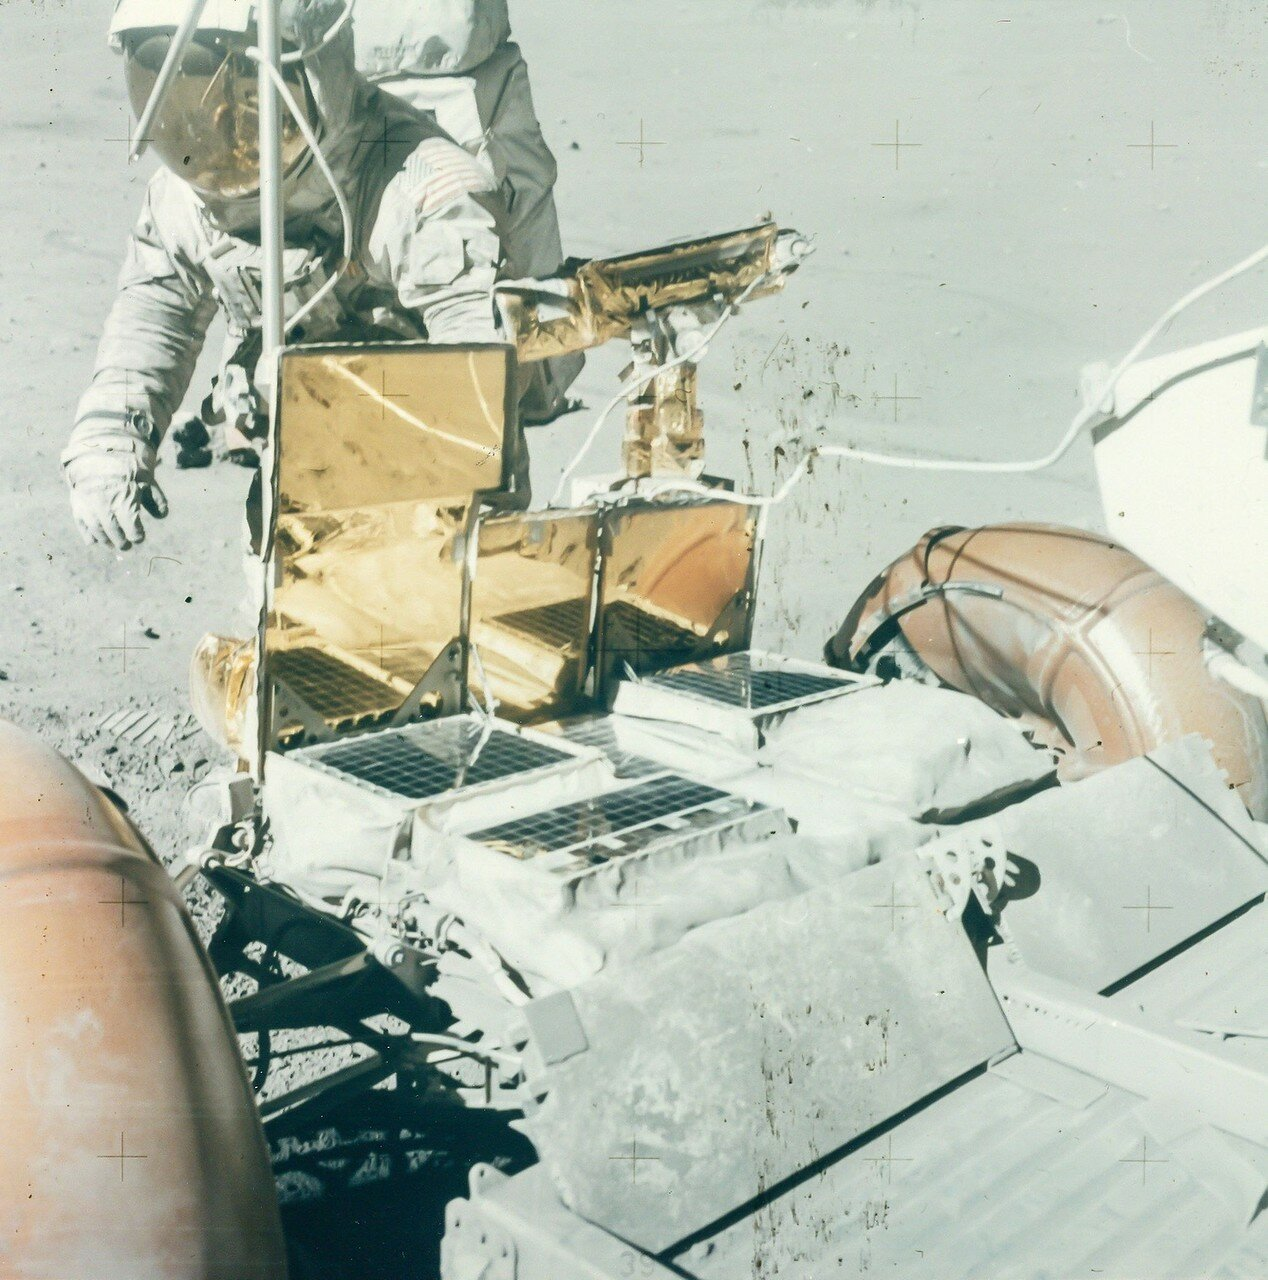 Восьмой день экспедиции, 23 апреля, был последним днём пребывания Янга и Дьюка на Луне. После третьего выхода на поверхность астронавты должны были вернуться на орбиту и присоединиться к Маттингли.  На снимке: Чарльз Дьюк возле Ровера